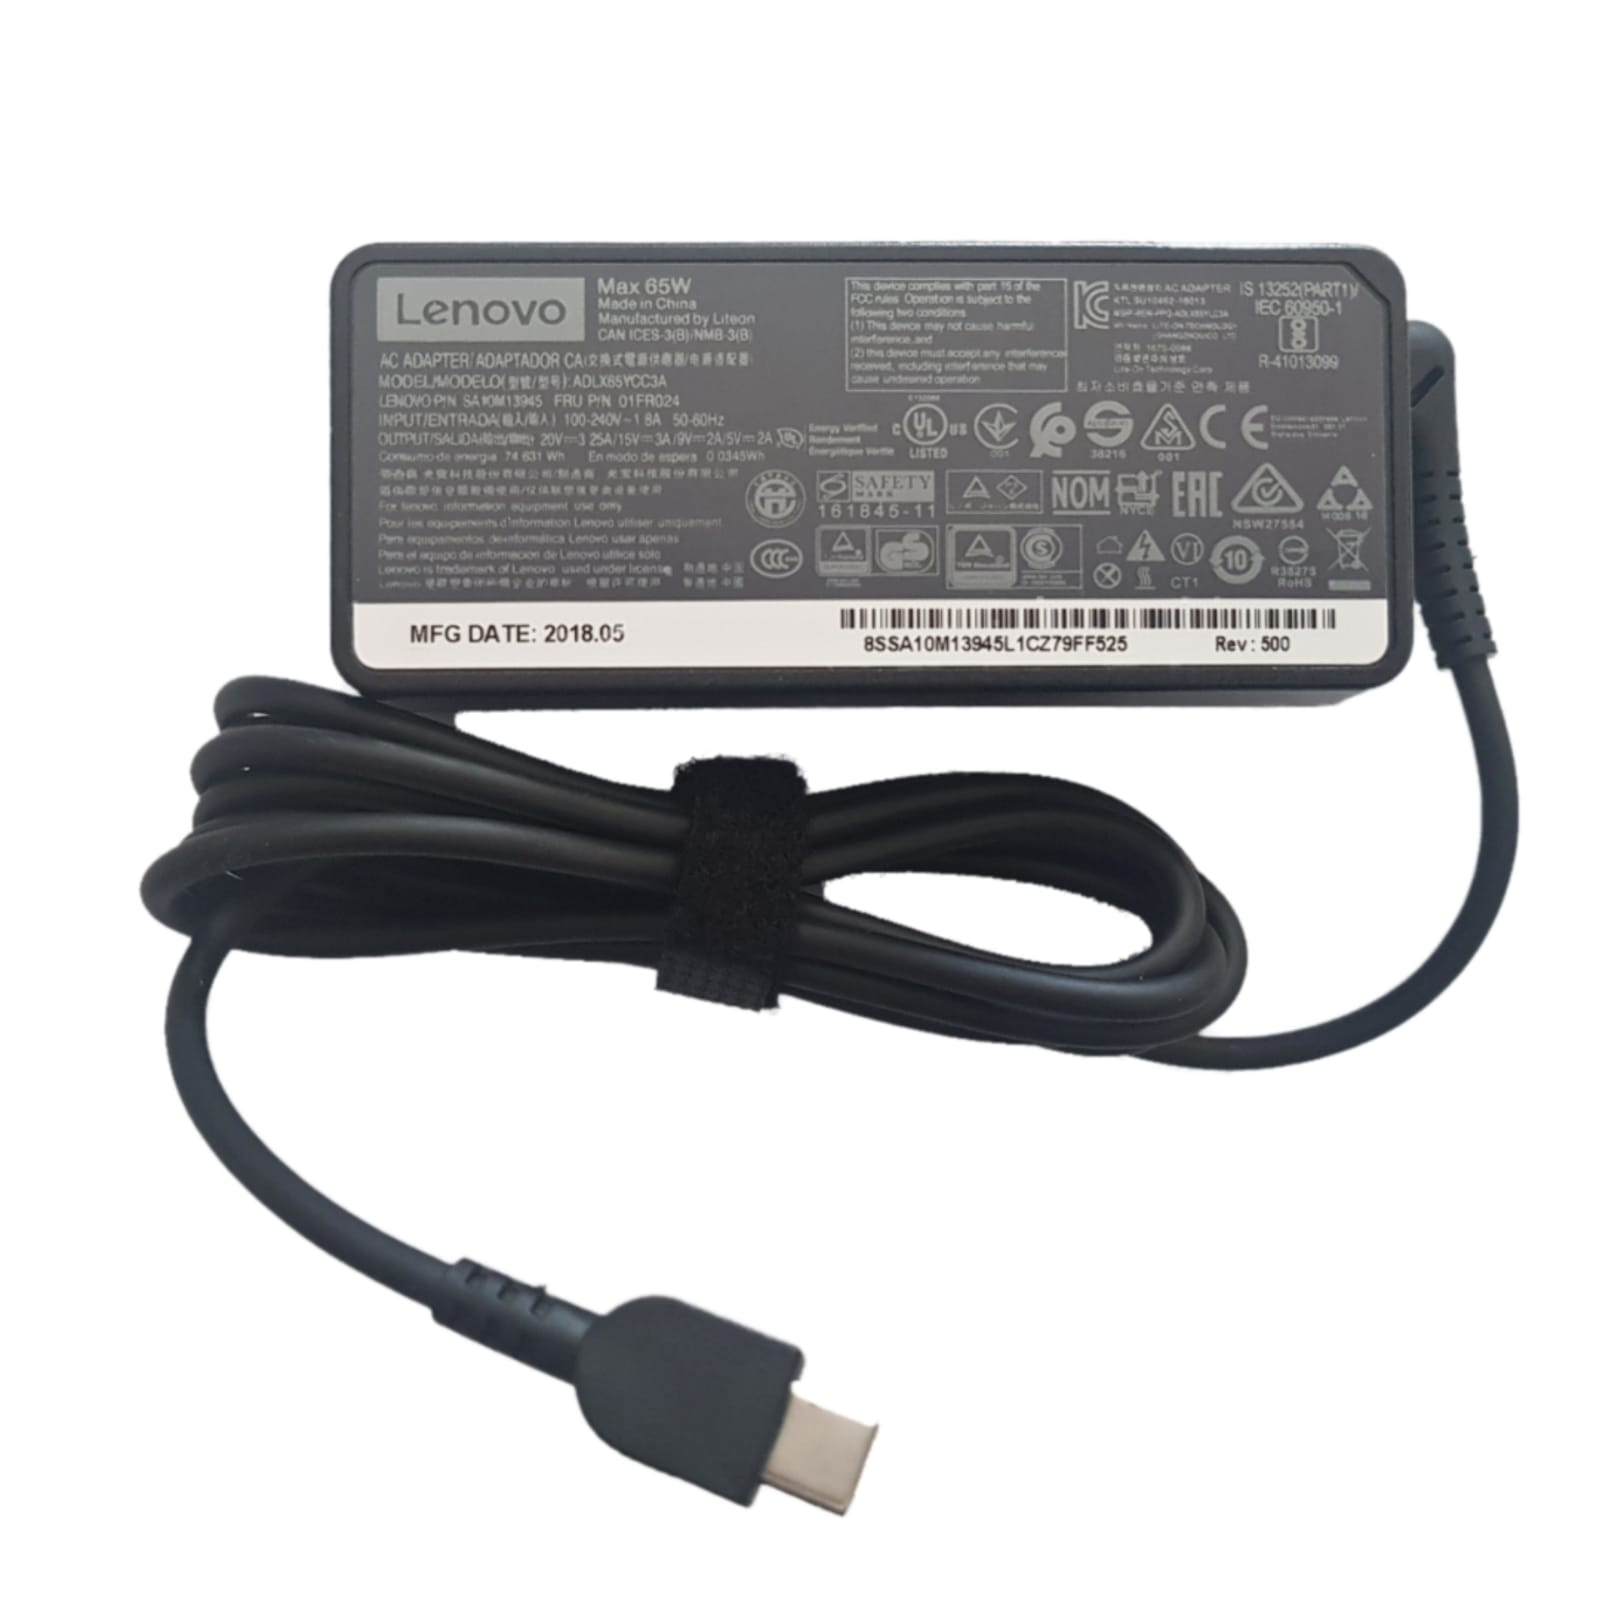 מטען למחשב לנובו Lenovo ThinkPad X270 20HN